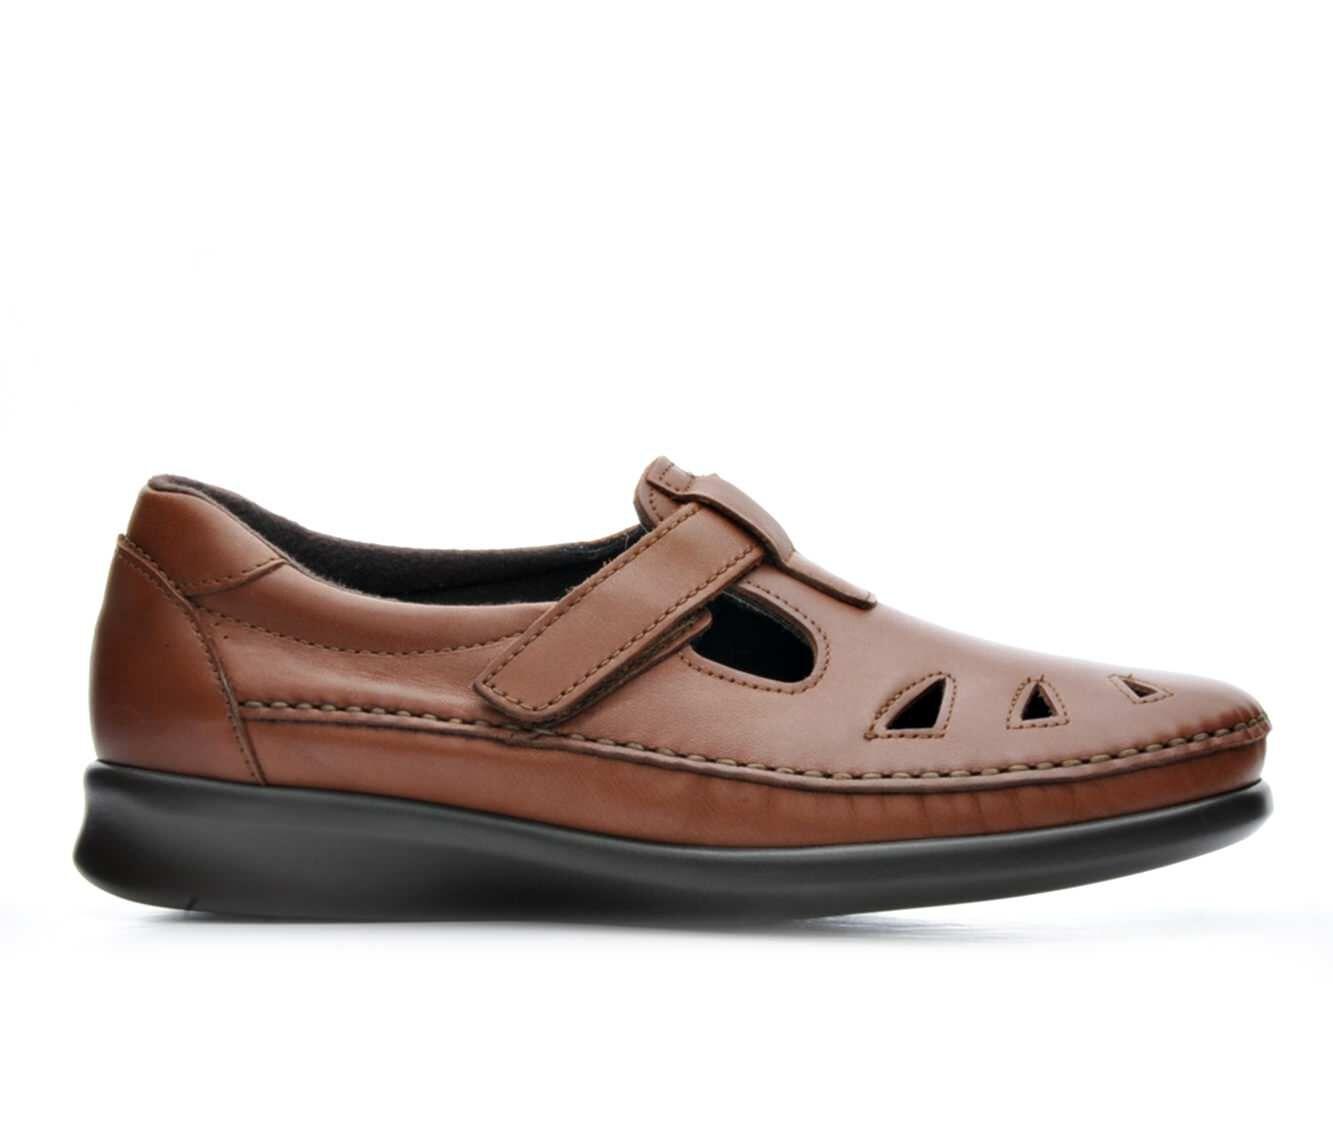 cheap designer Women's Sas Roamer Comfort Shoes Chestnut